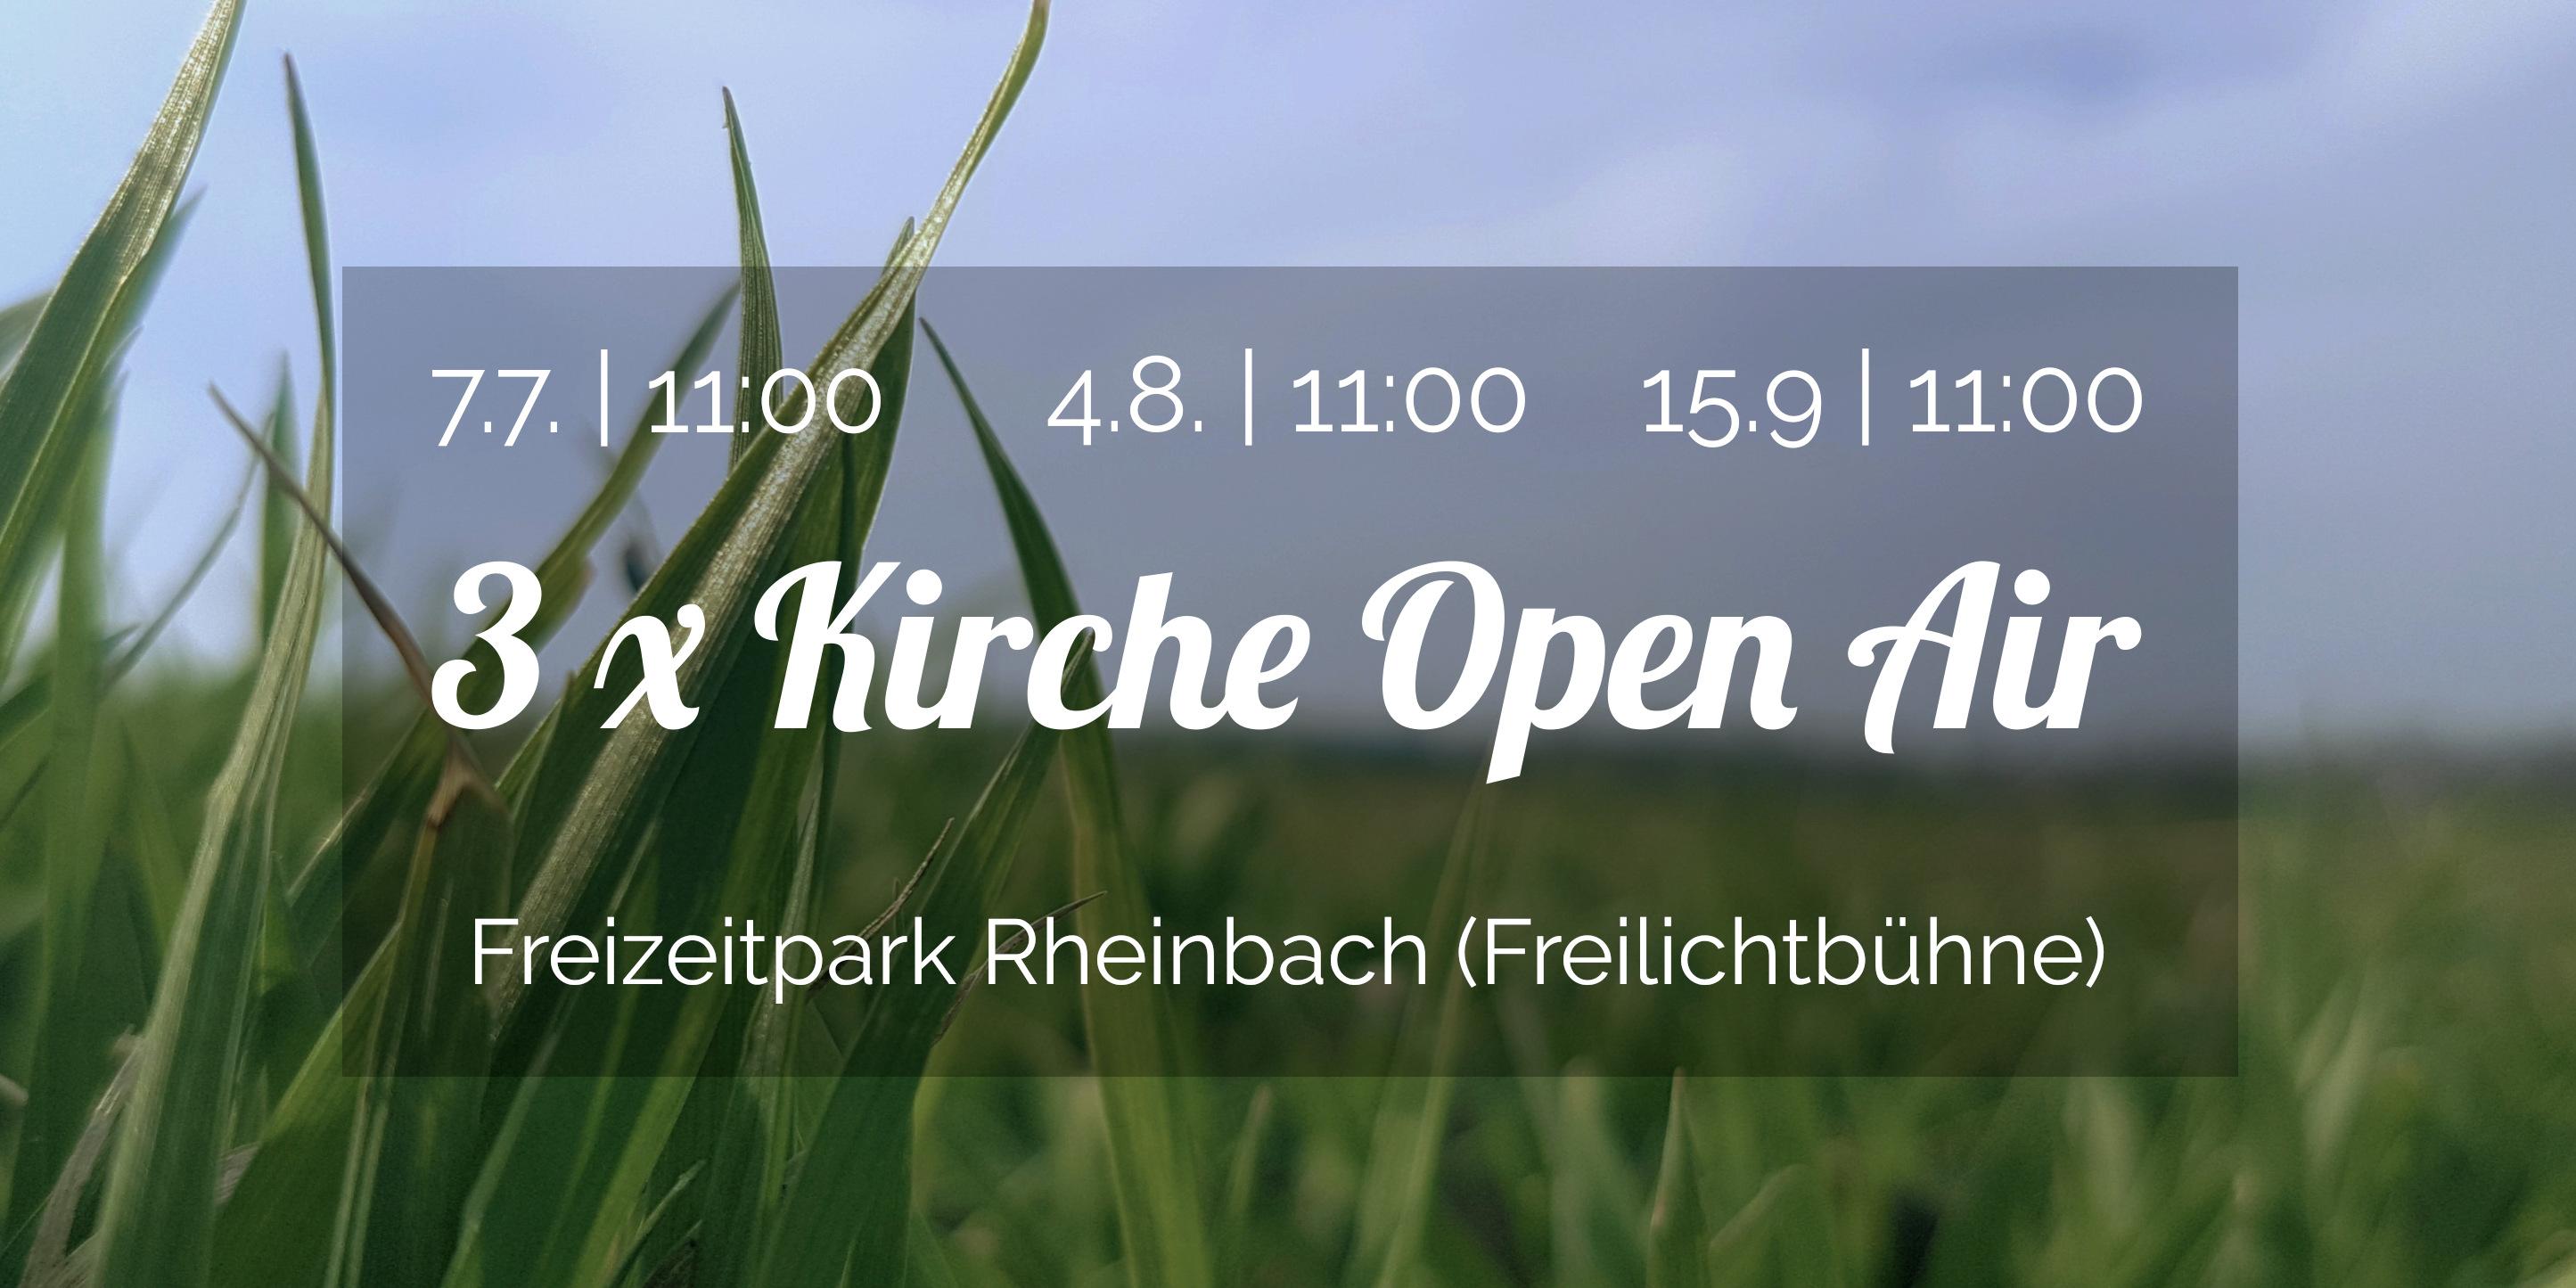 Kirche Open Air